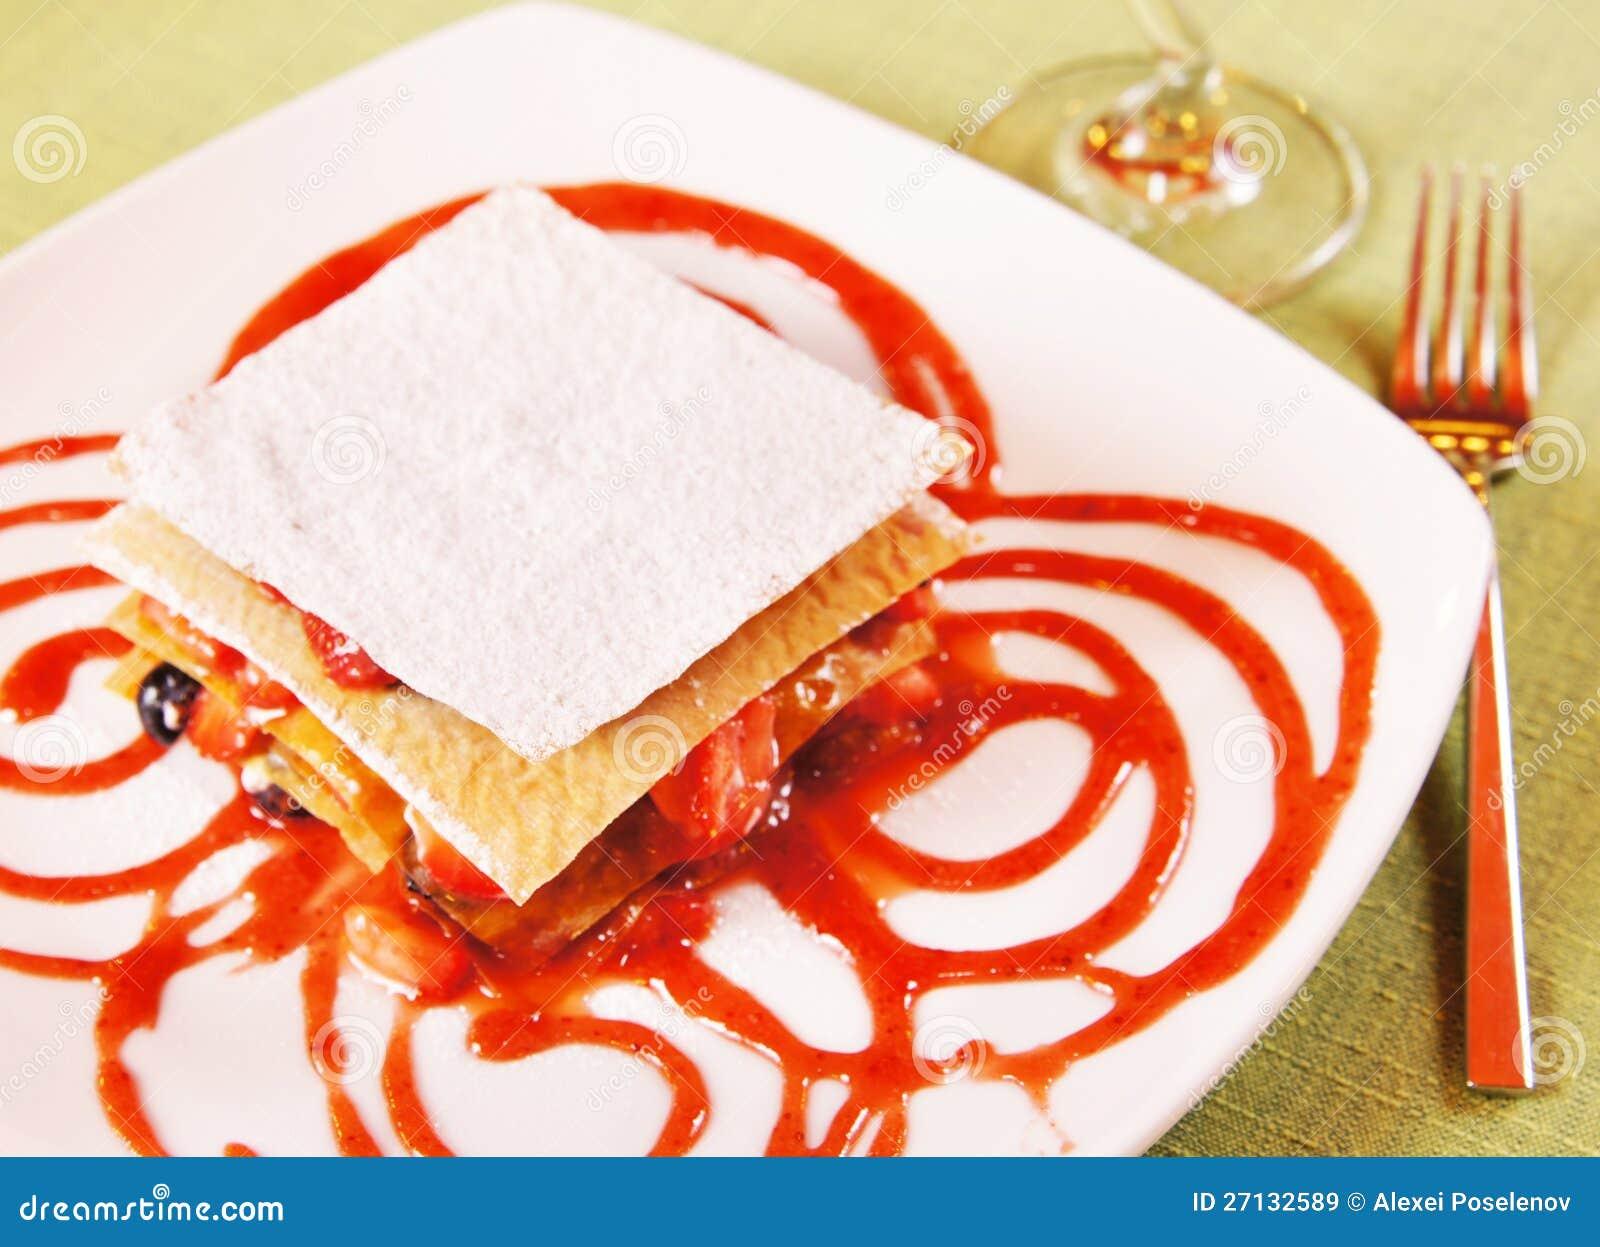 Millefeuille - Gelaagd dessert met verse bessen